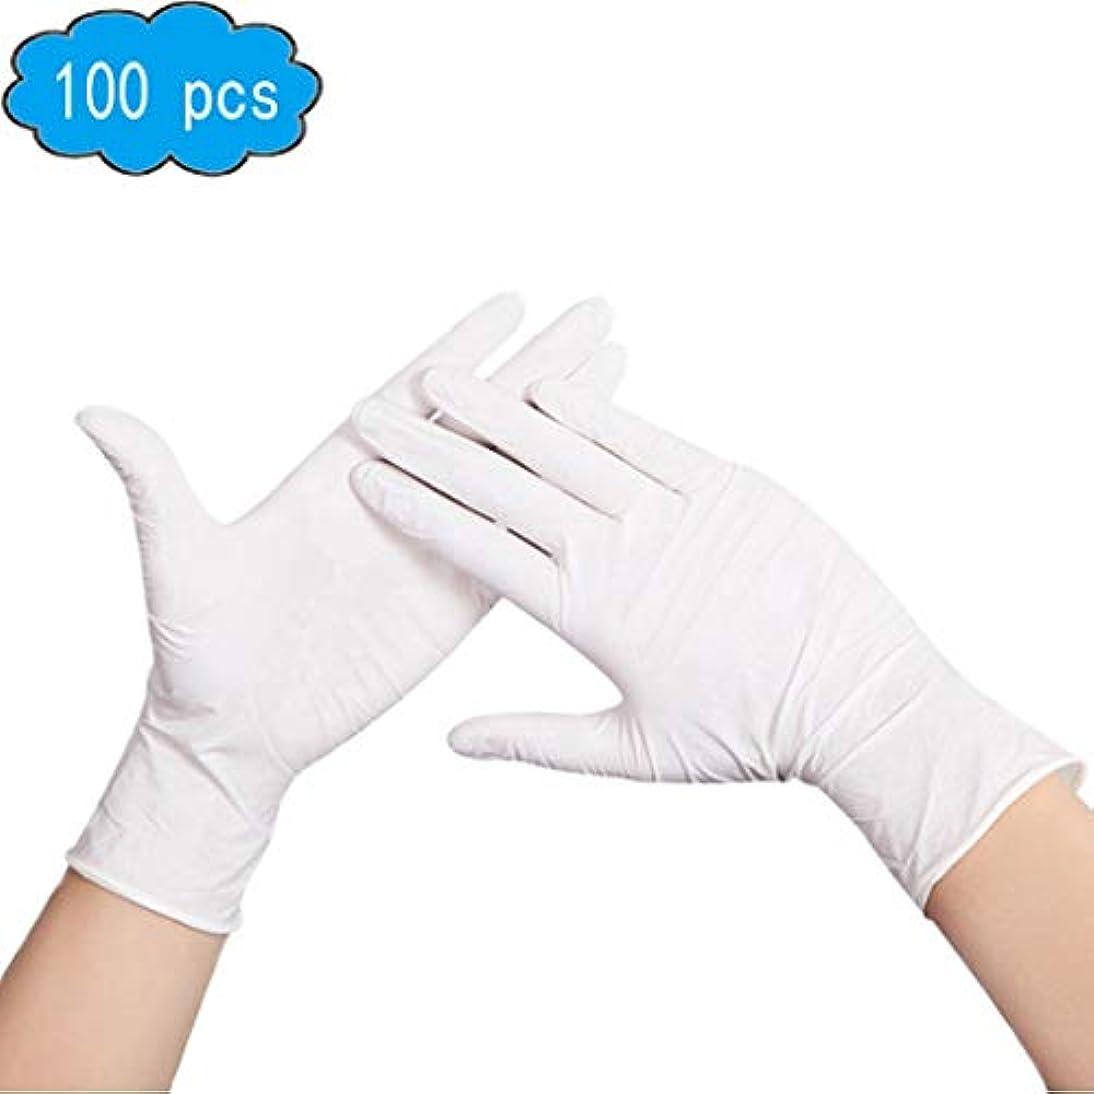 プラグうんライラックニトリル手袋、ラテックス医療検査用パウダーフリーの使い捨て手袋サイズ中 - 9